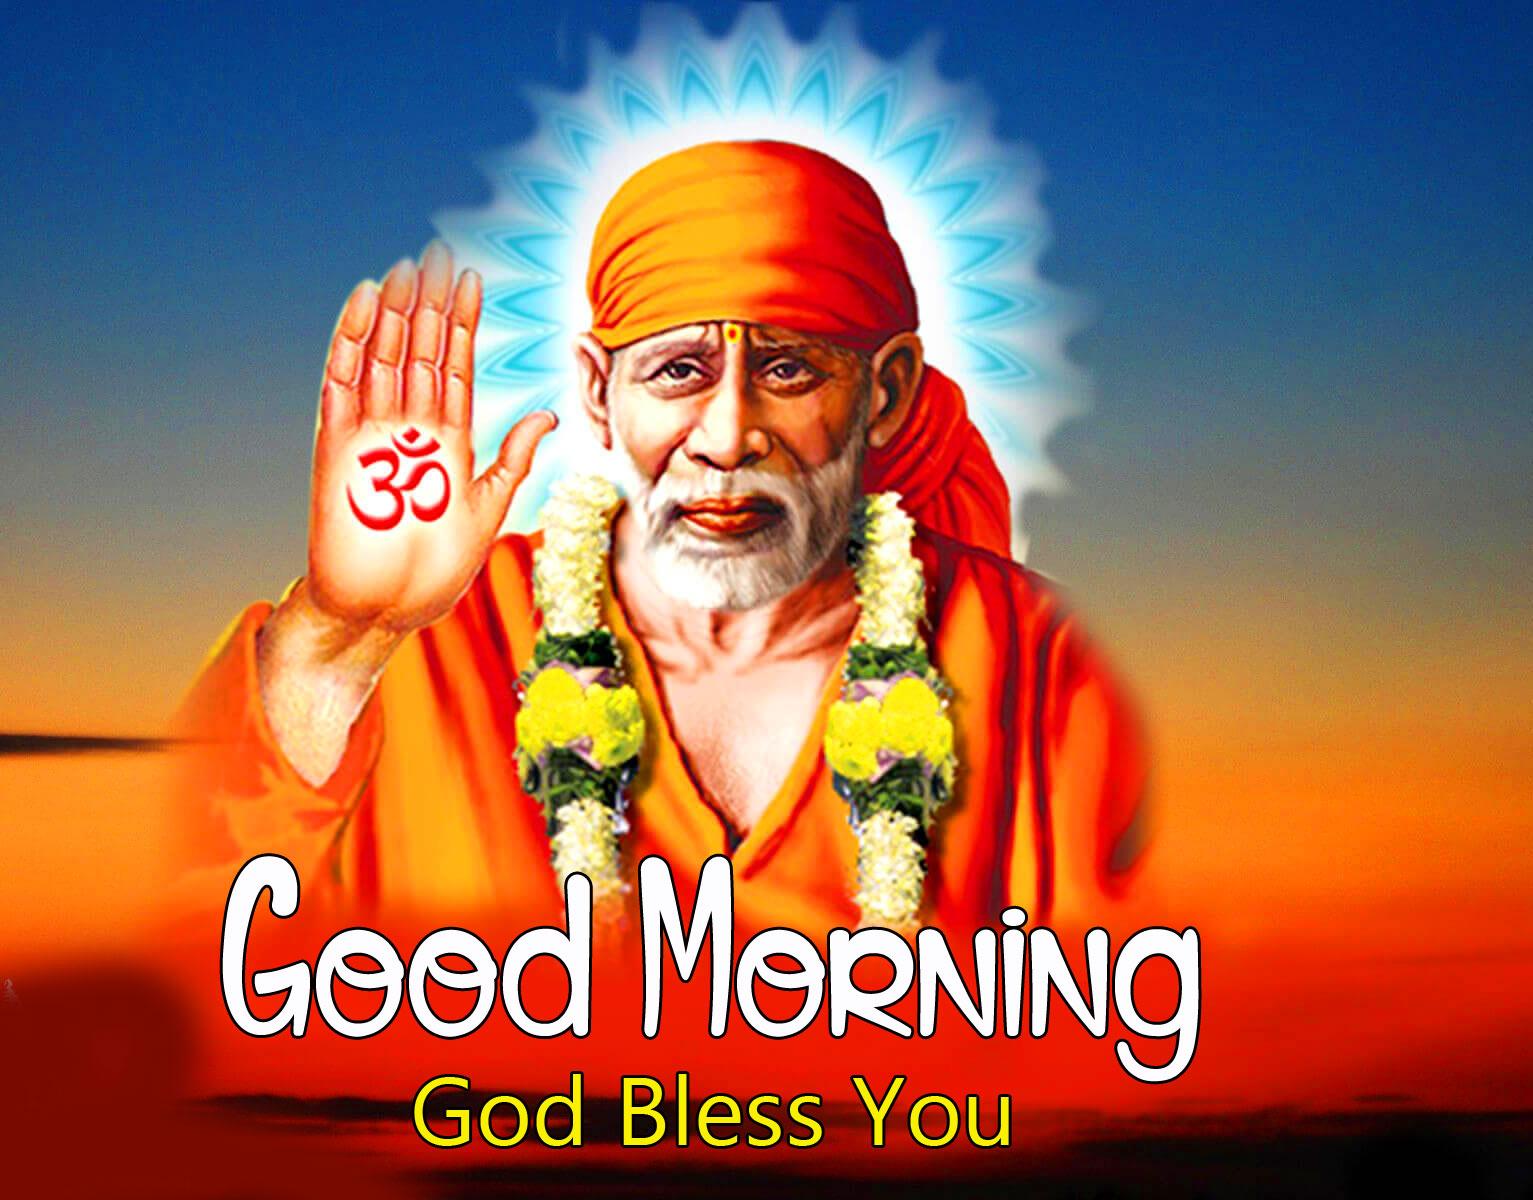 1080p Sai Baba Good Morning Images